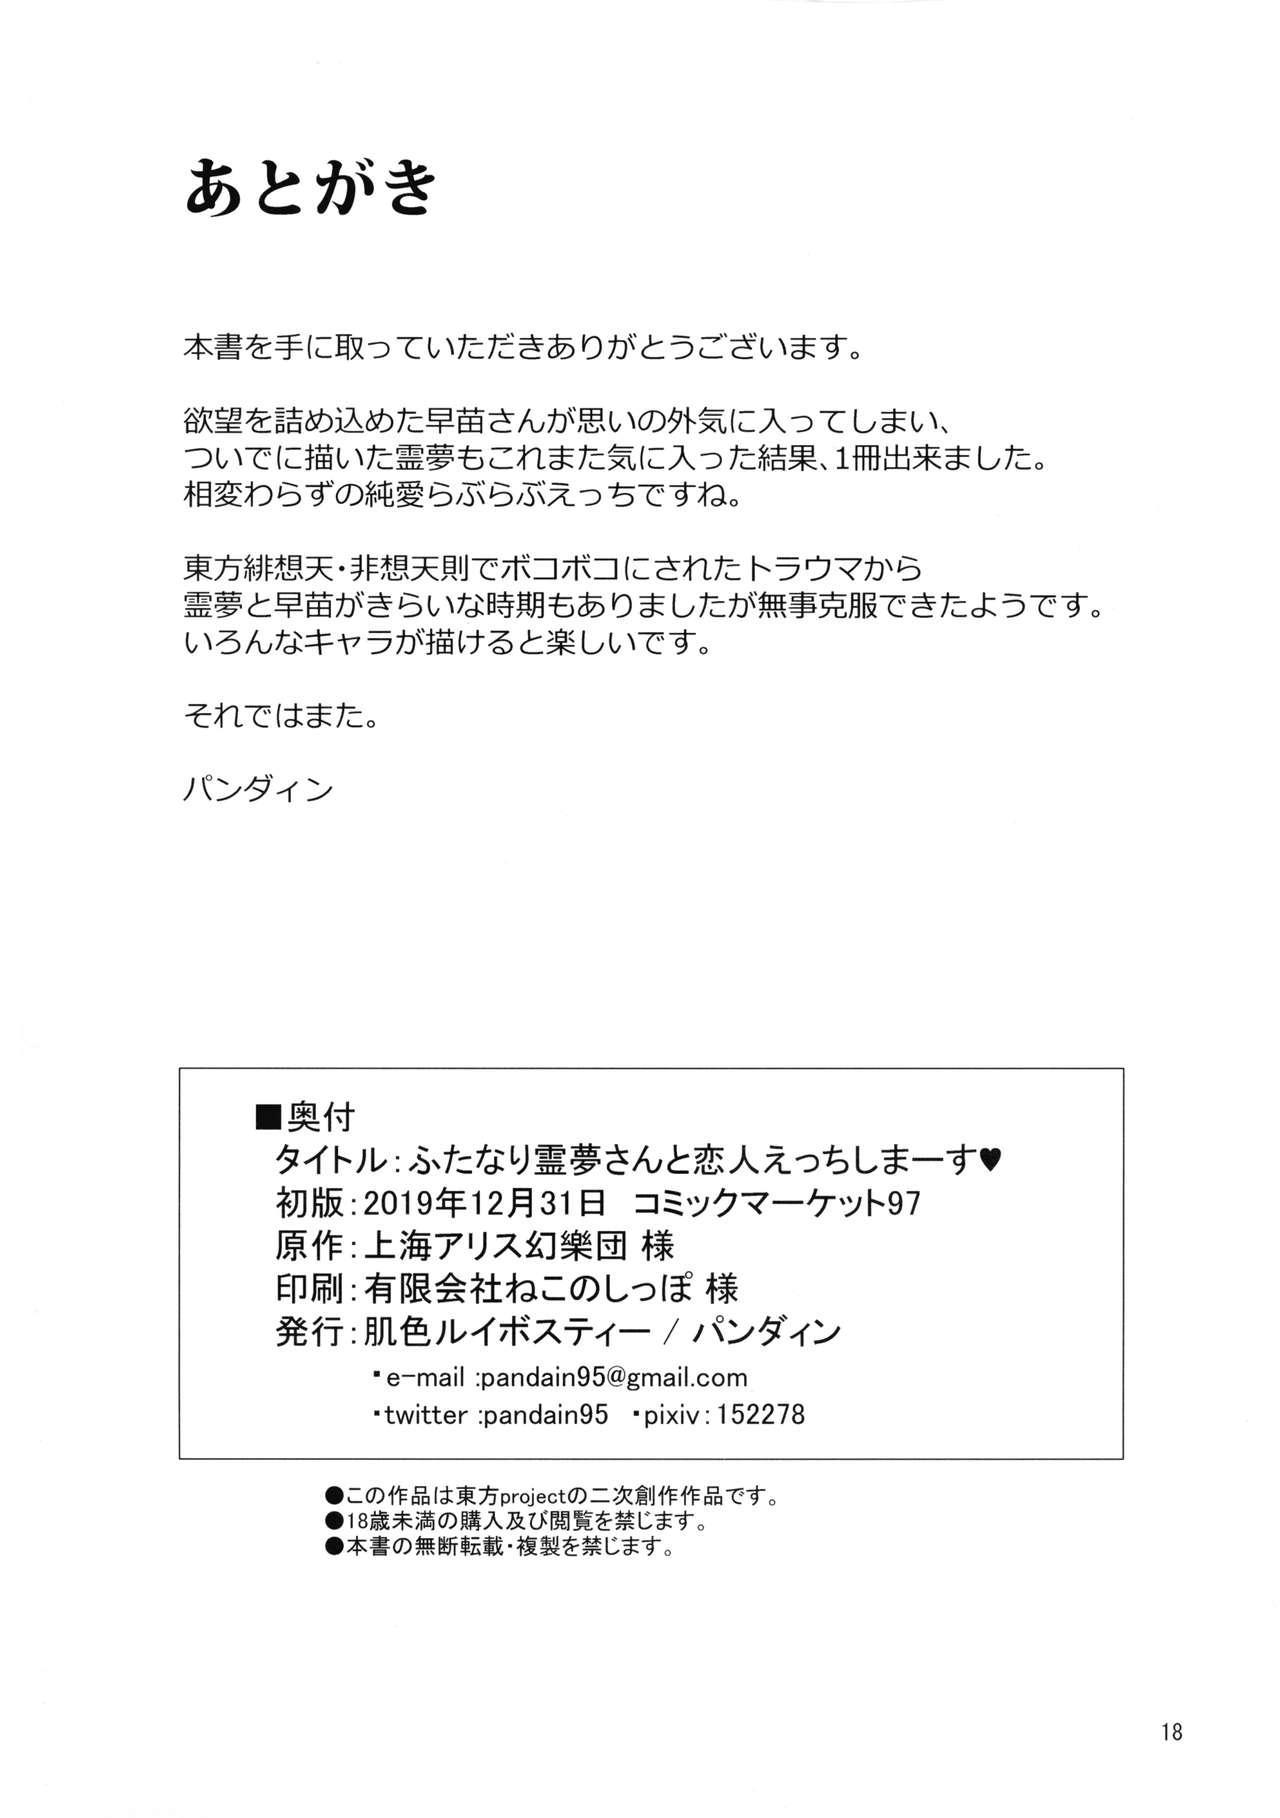 (C97) [Hadairo Rooibos Tea (Pandain)] Futanari Reimu-san to Koibito Ecchi Shima-su (Touhou Project) 17